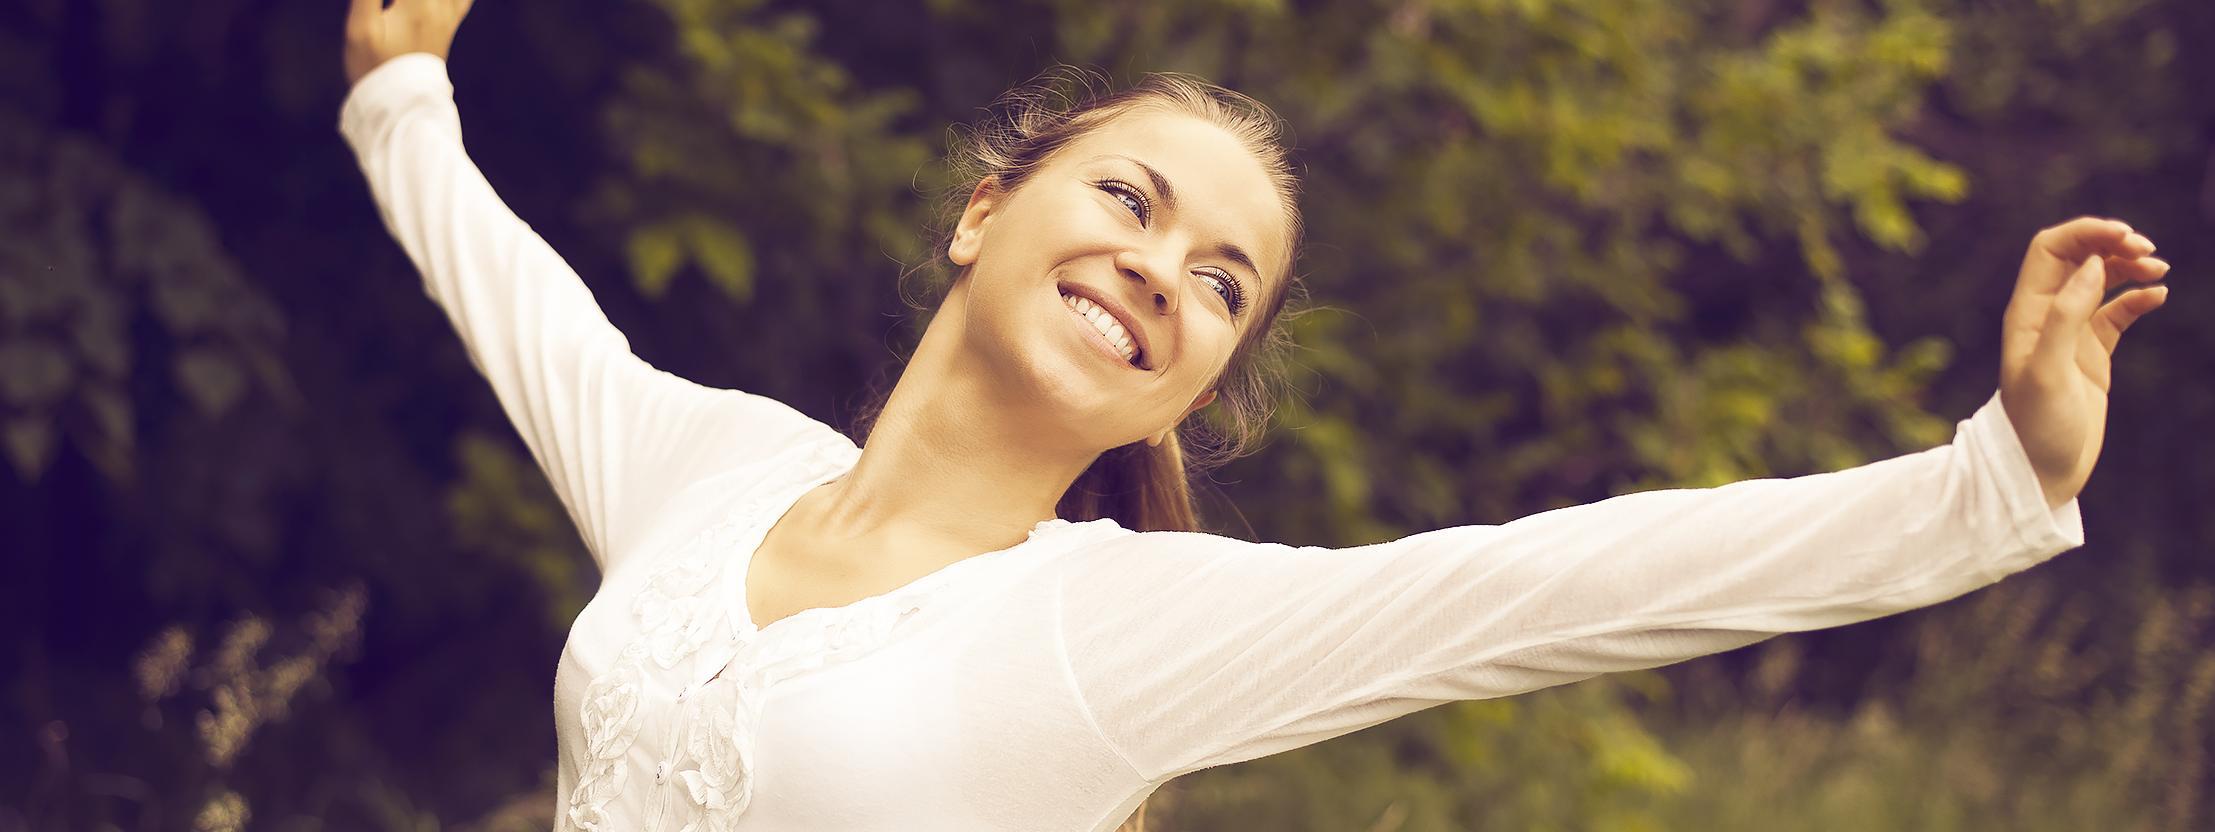 Dobre samopoczucie sposobem na życie w harmonii z samym sobą